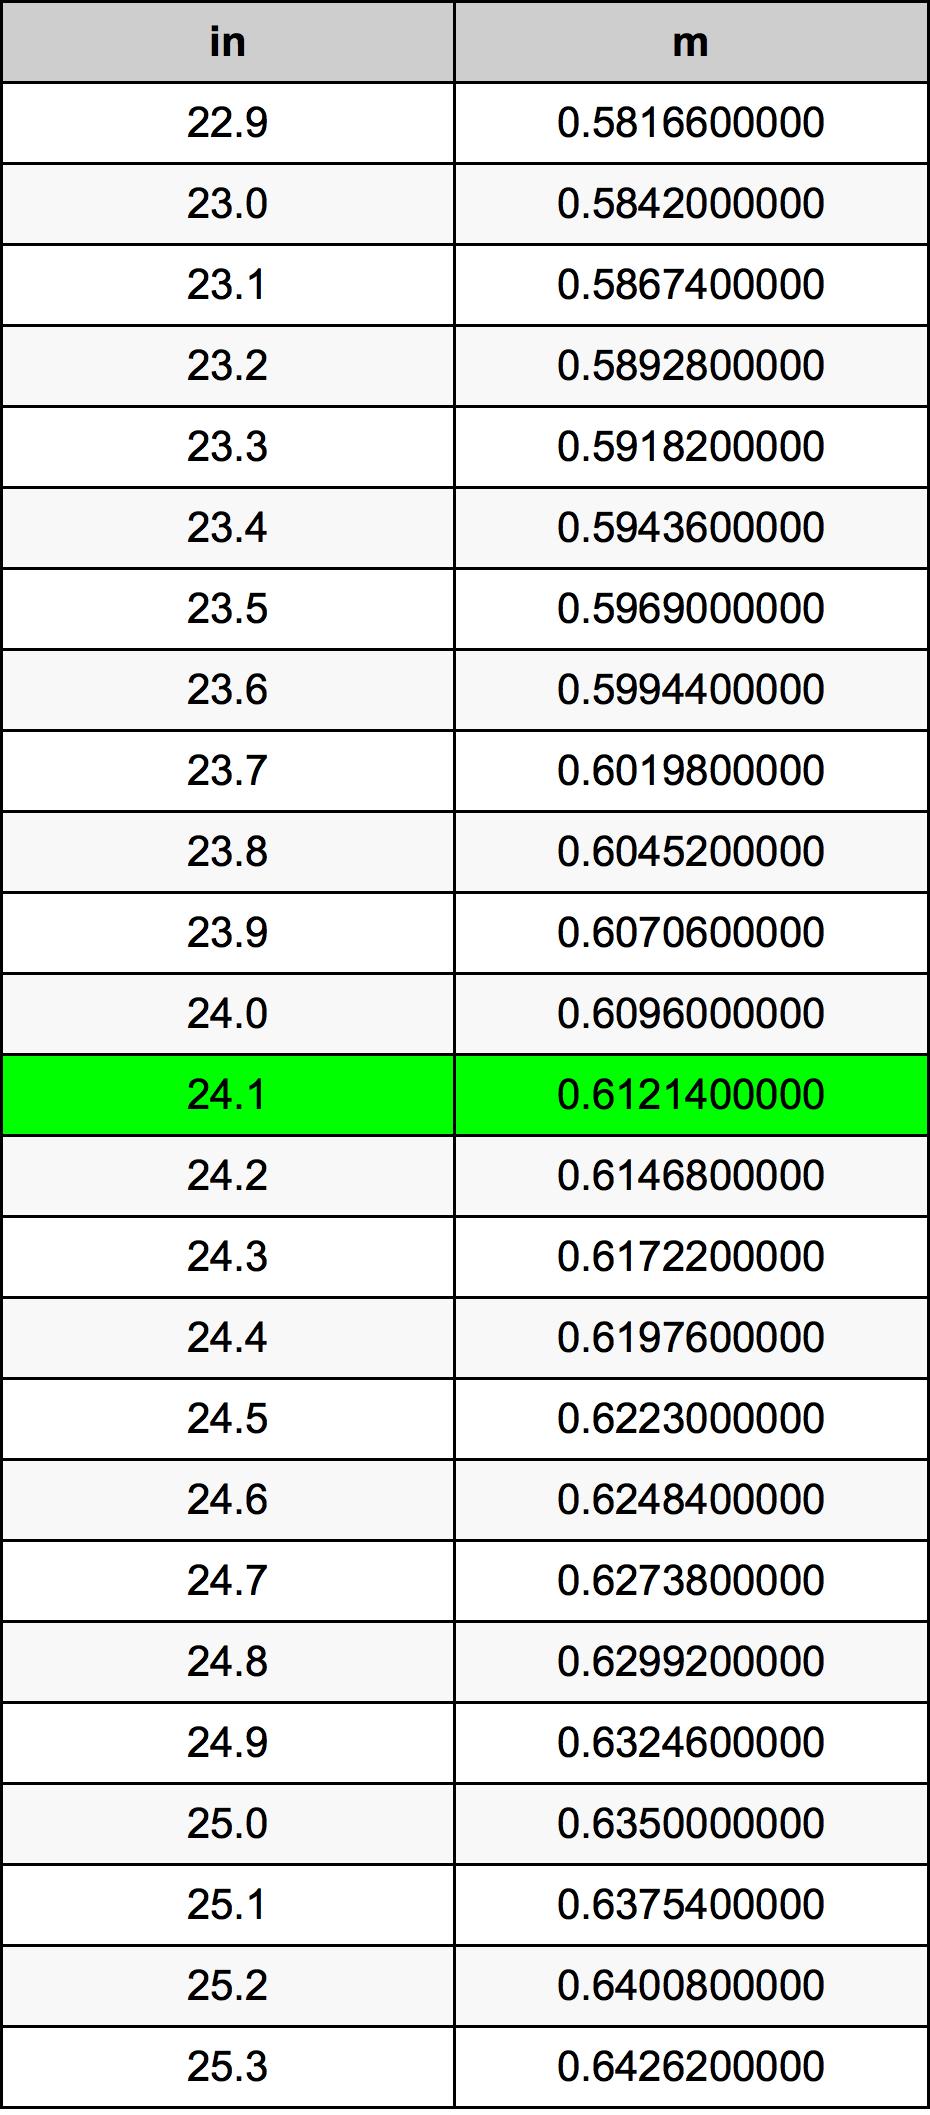 24.1 Zoll Umrechnungstabelle